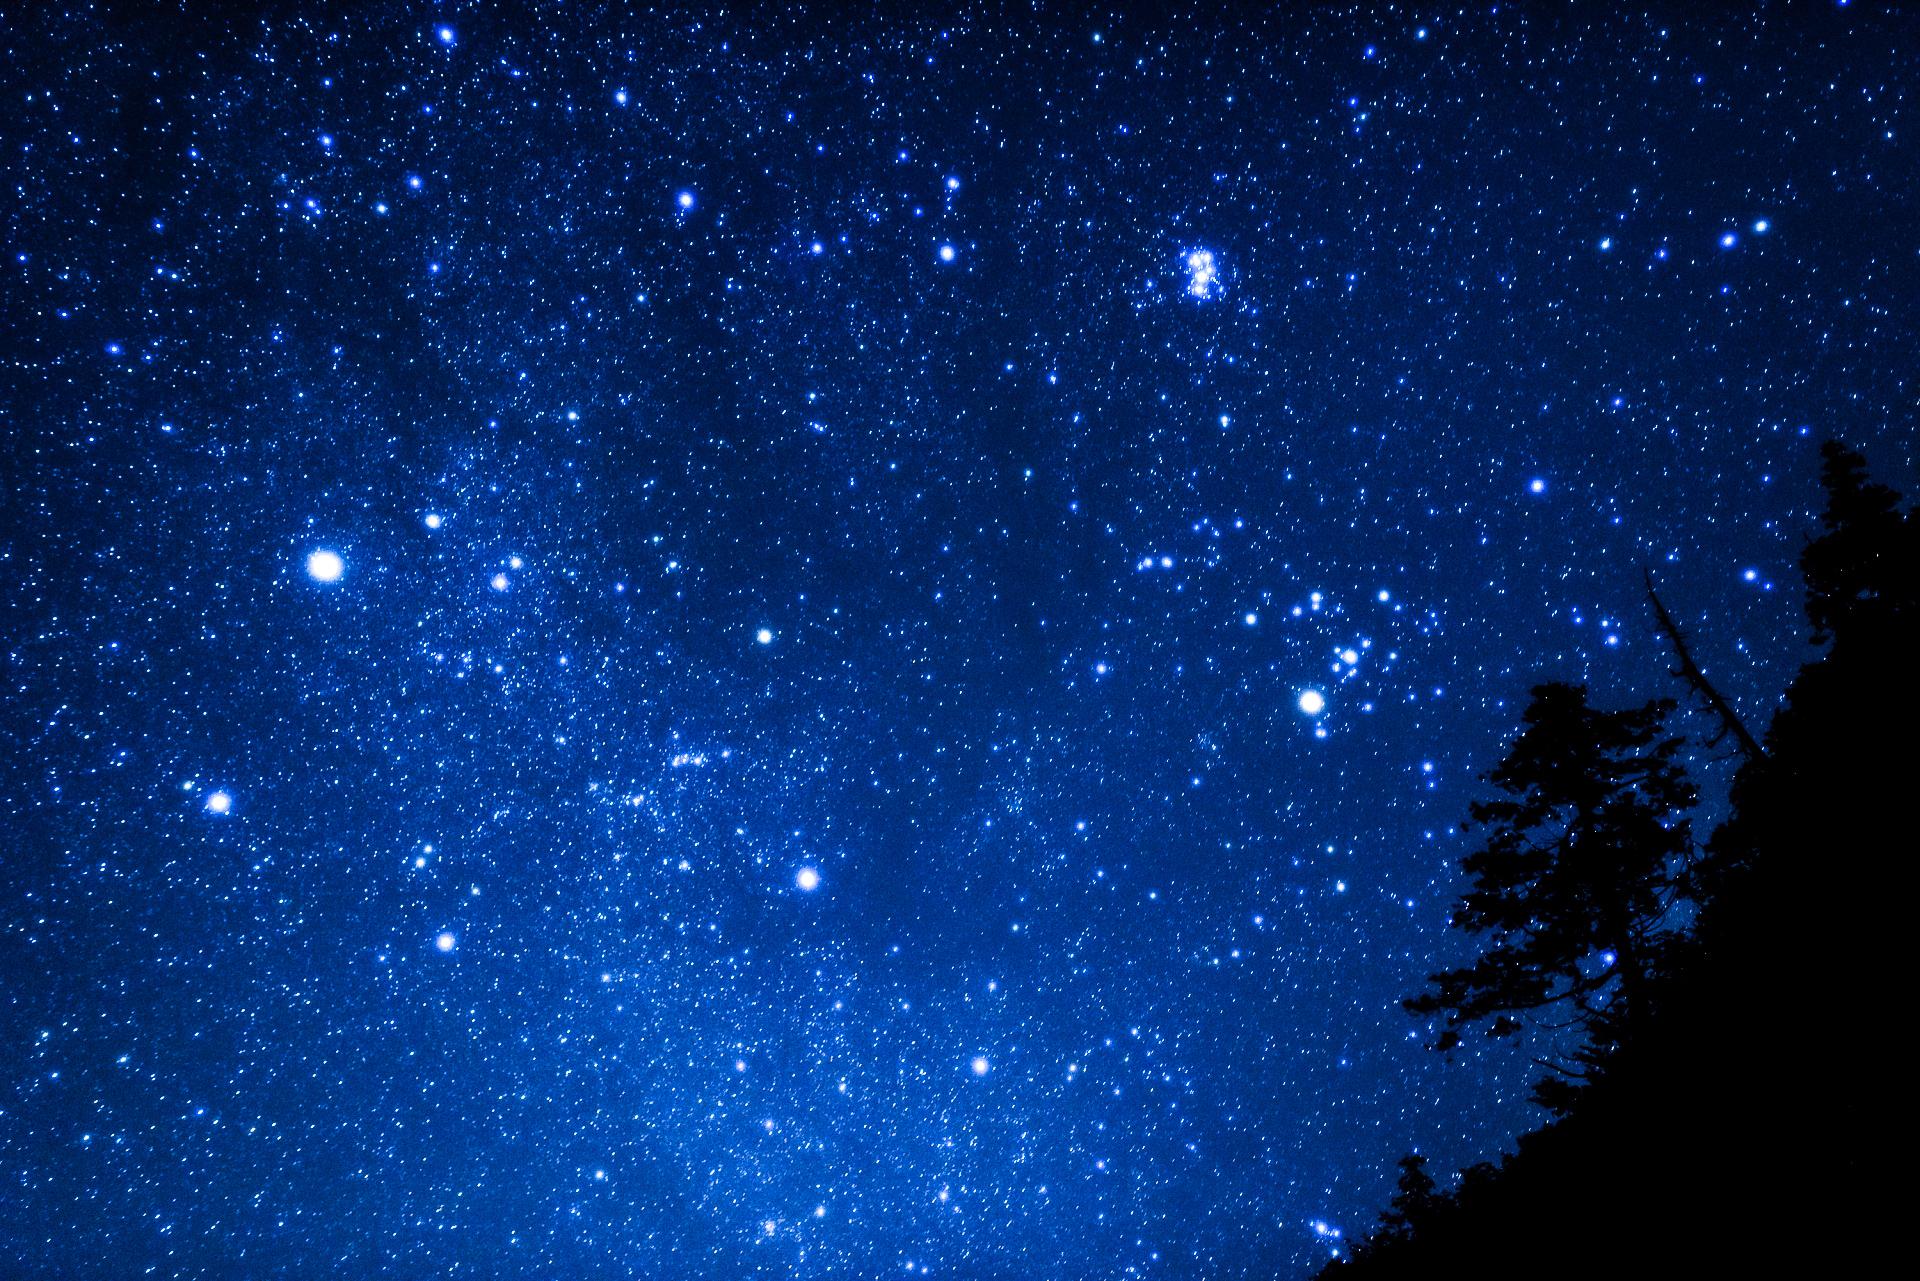 日本初のダークスカイパークに認定された石垣島の星